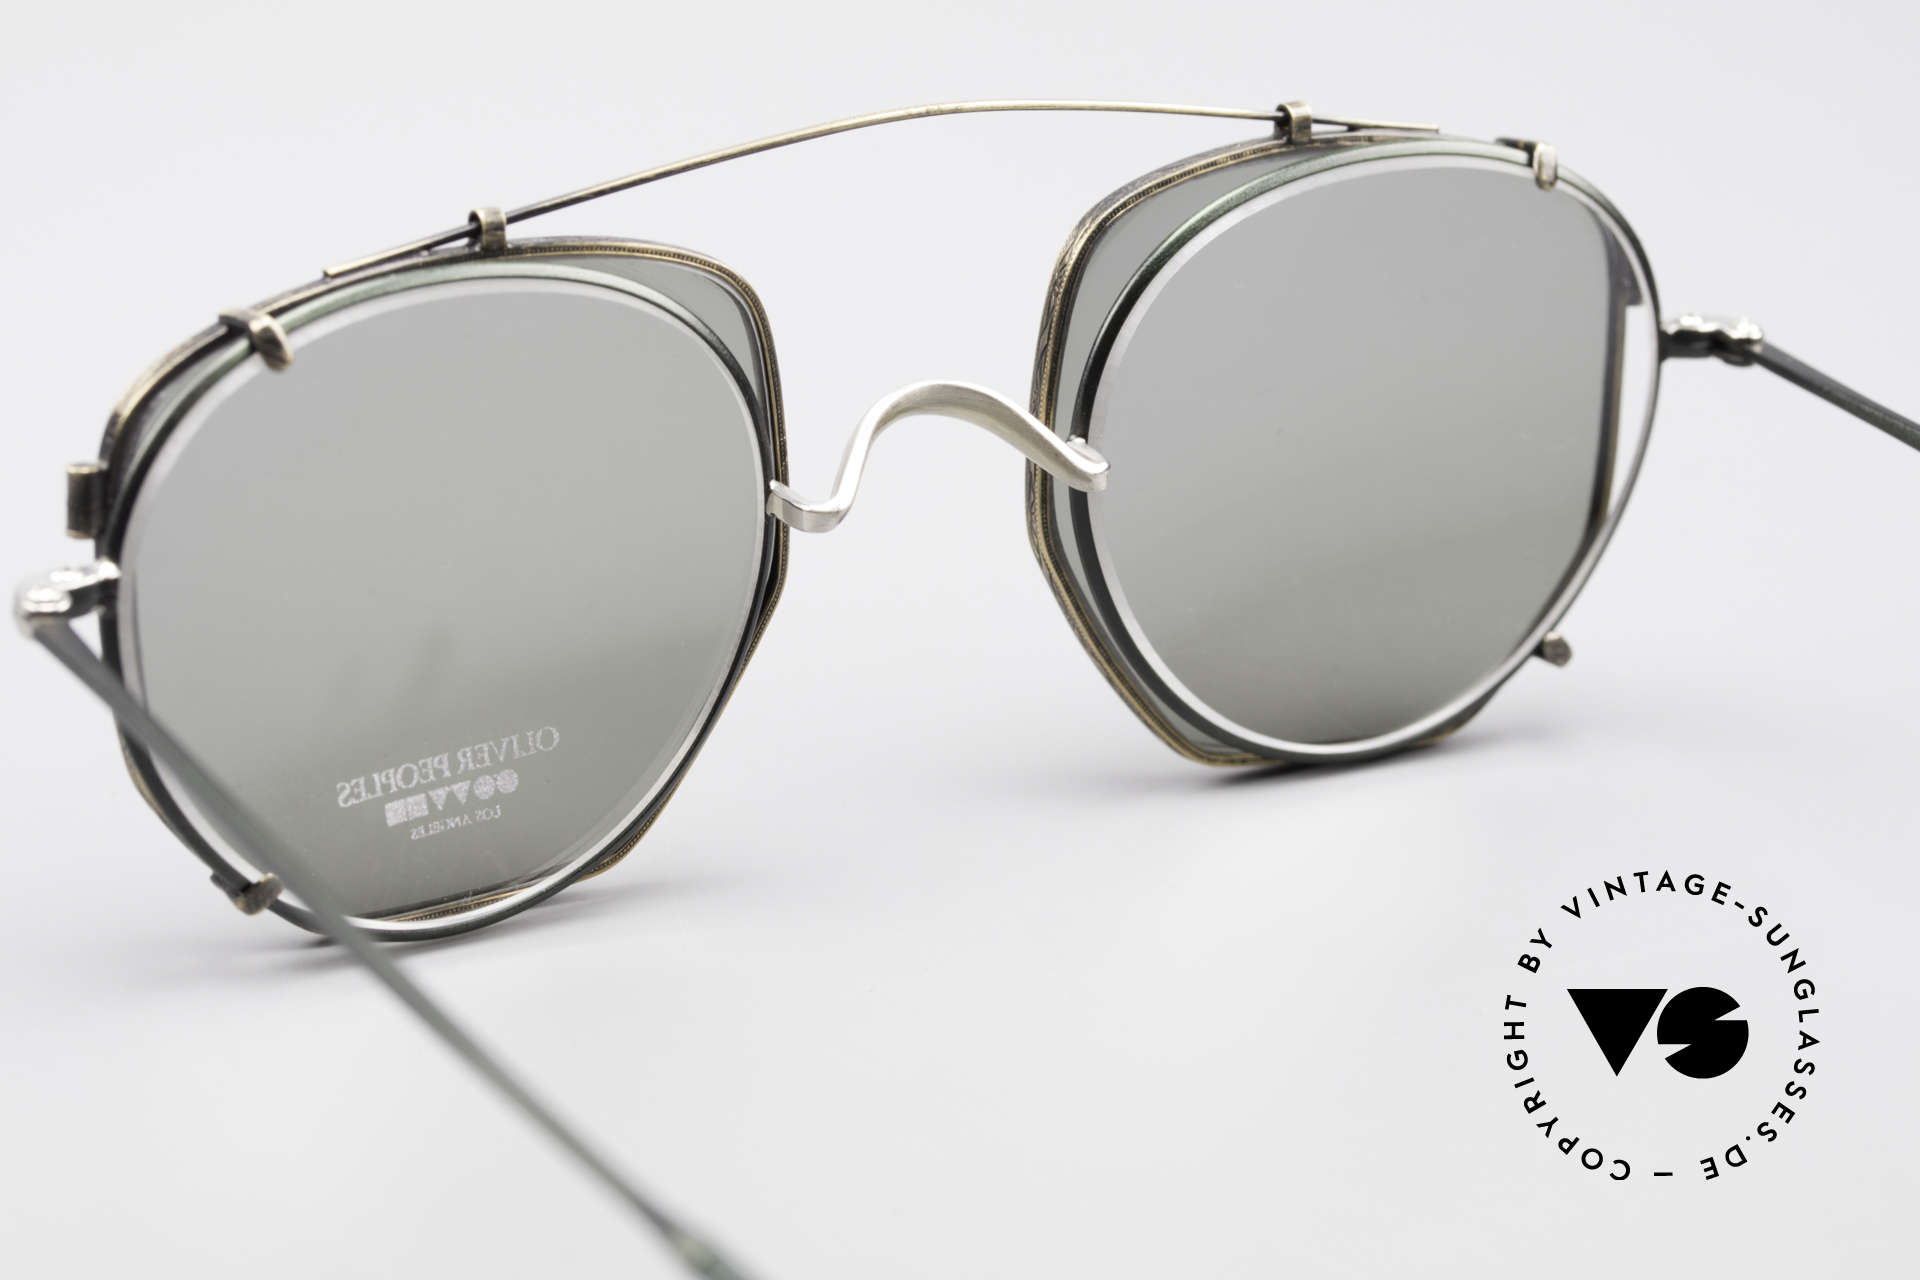 Oliver Peoples OP80BC Runde Brille Eckiger Clip On, KEINE Retromode, sondern ein 25 Jahre altes Original, Passend für Herren und Damen